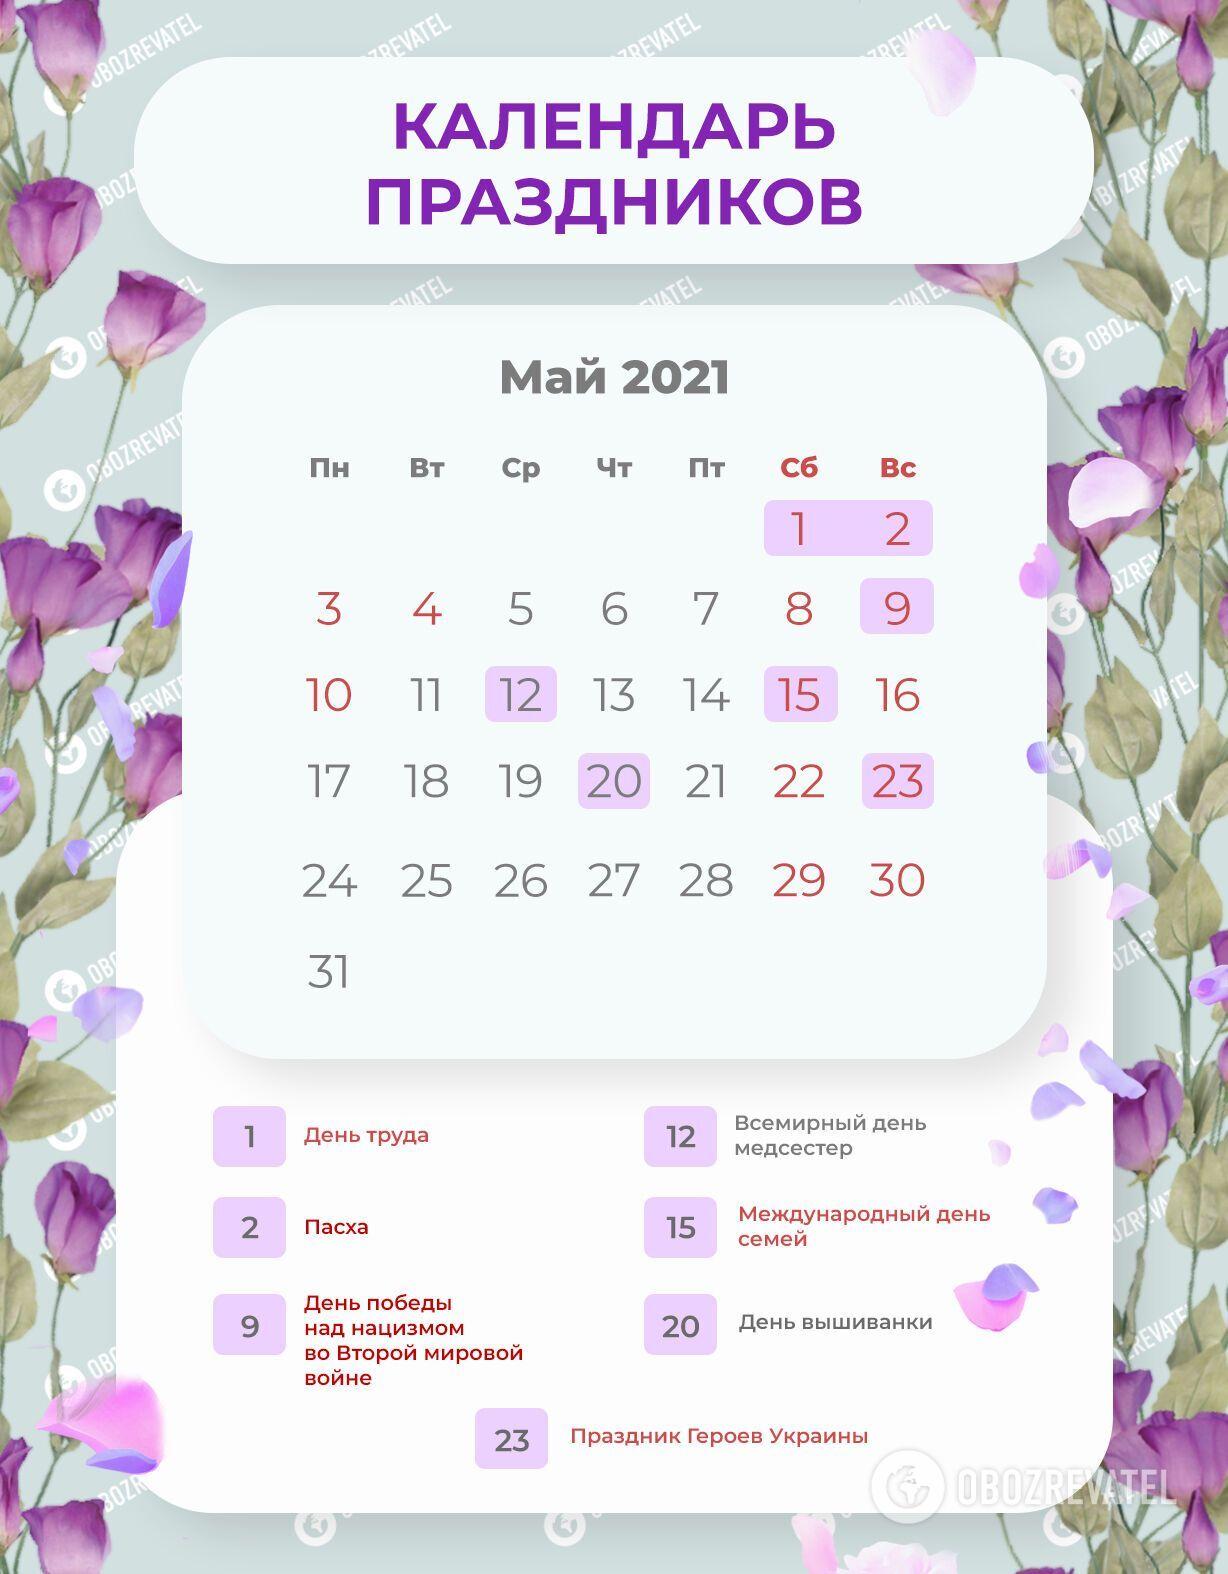 Выходные дни в Украине в мае 2021 года.